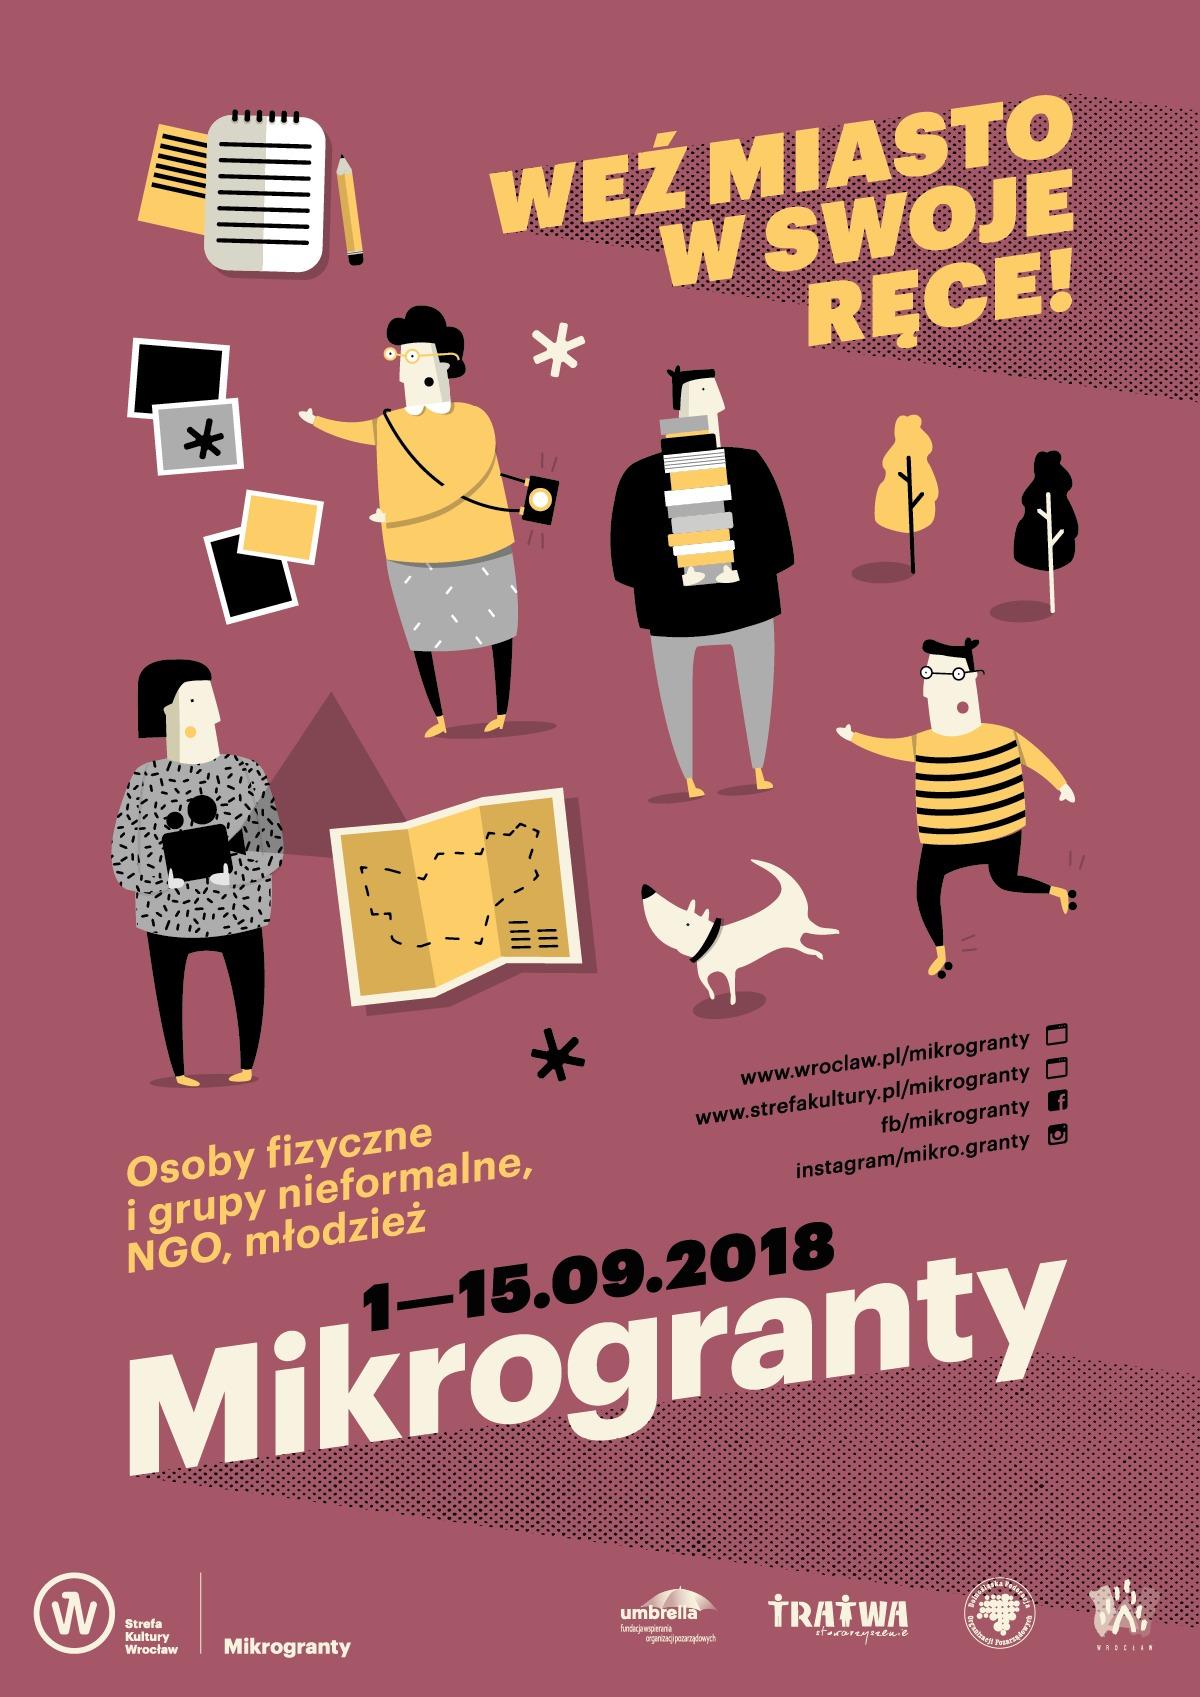 III nabór do Mikrograntów (źródło: materiały prasowe organizatora)